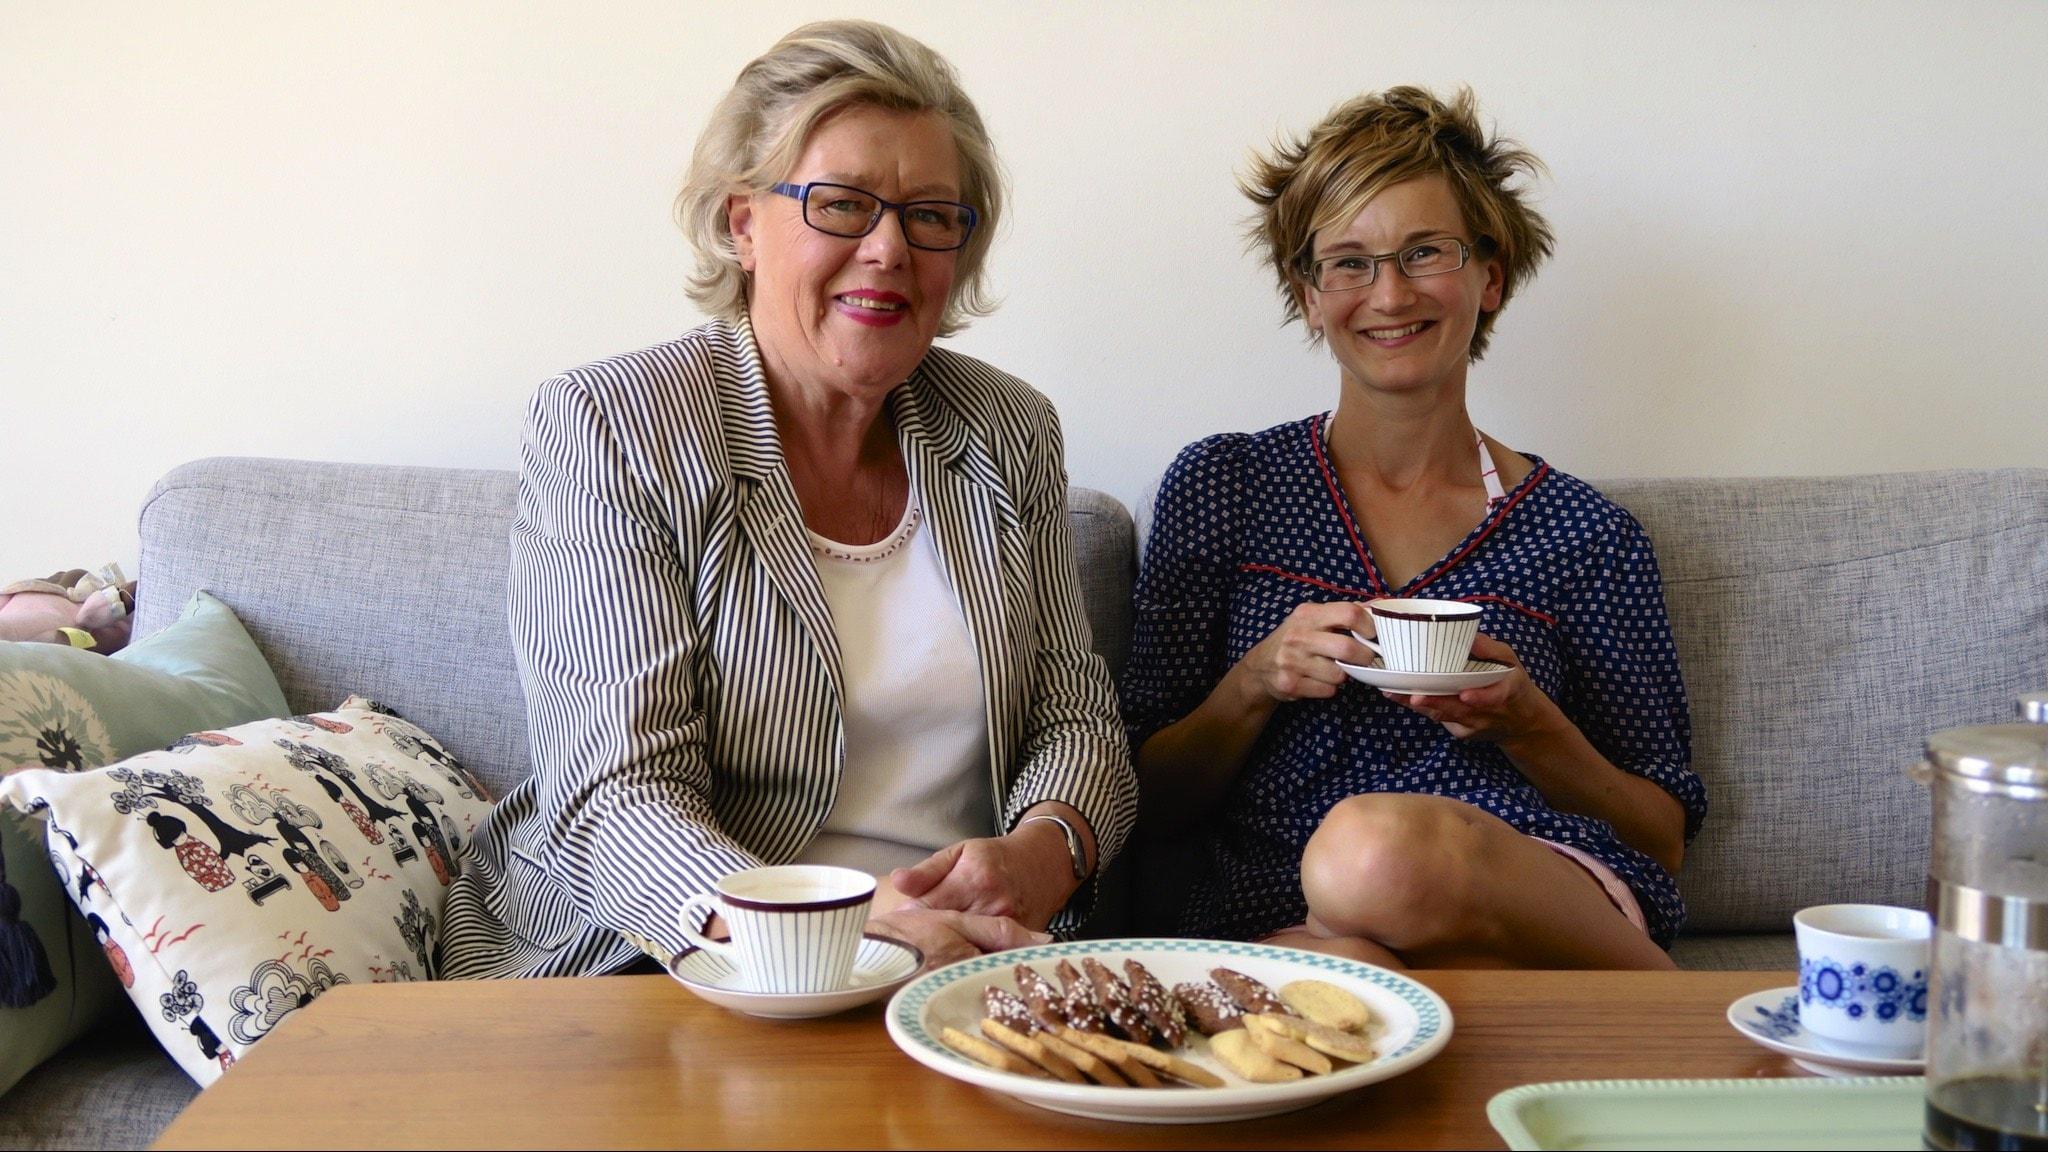 Birgitta Rasmusson och Mia Öhrn med kaffe och kakor. Foto: Tomas Tengby.